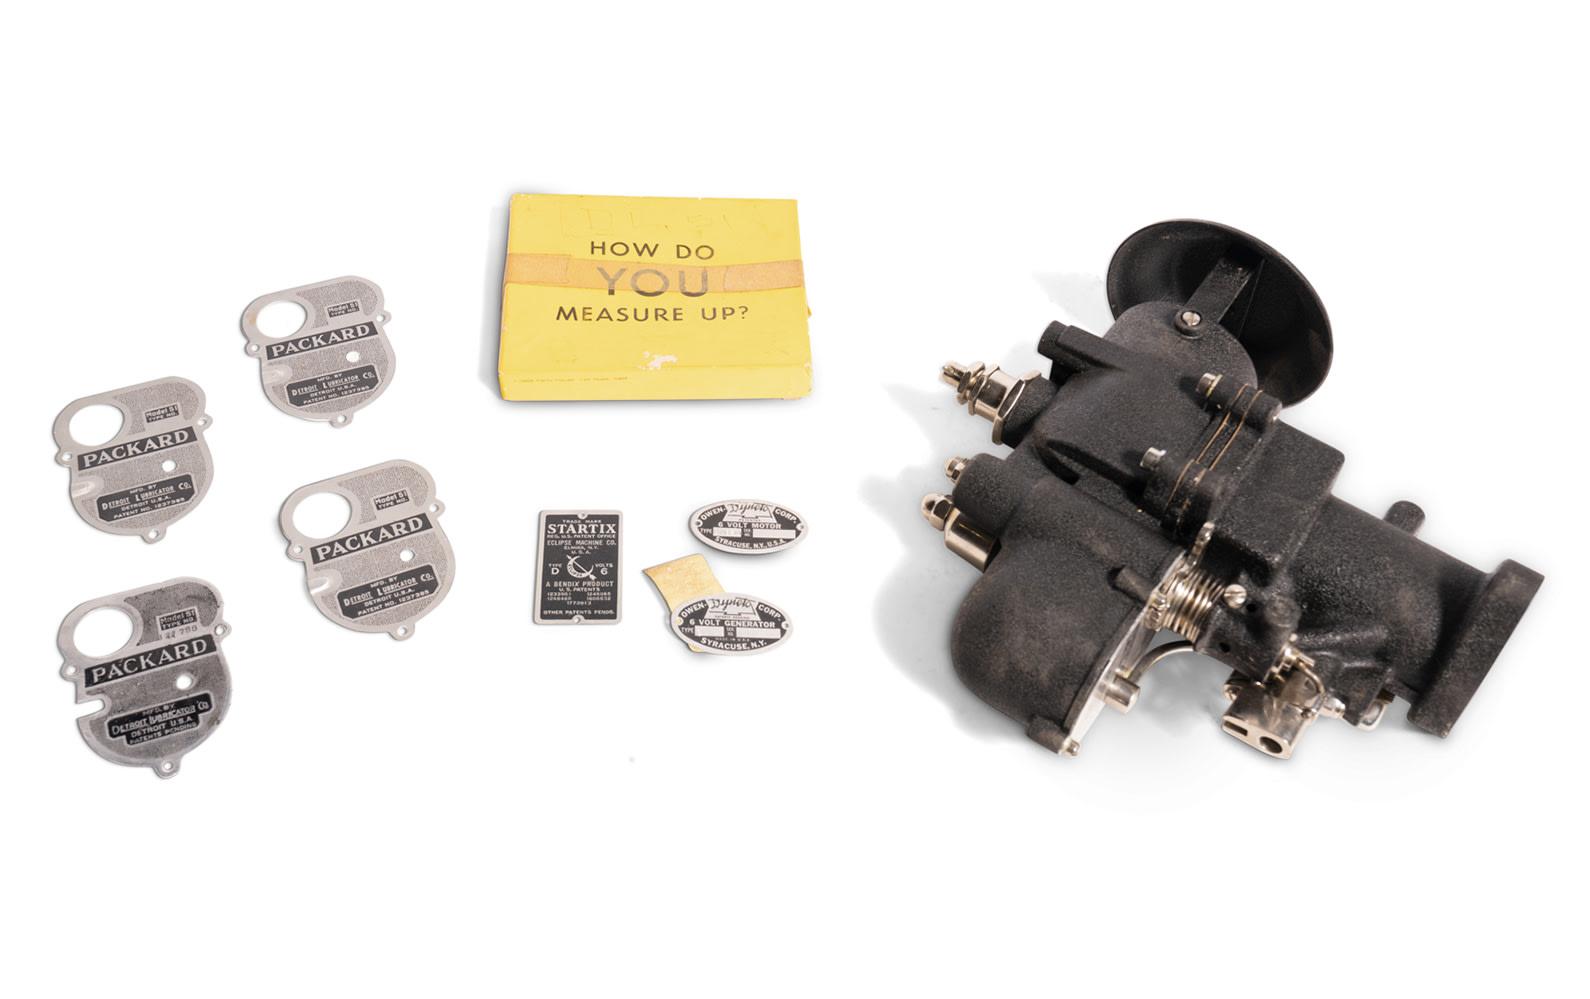 Prod/O21E - Phil Hill C 2021/C0091_Replica Detroit Lubricator Packard Carburetor/C0091_Replica_Detroit_Lubricator_Packard_Carburetor_1_xm8cbw